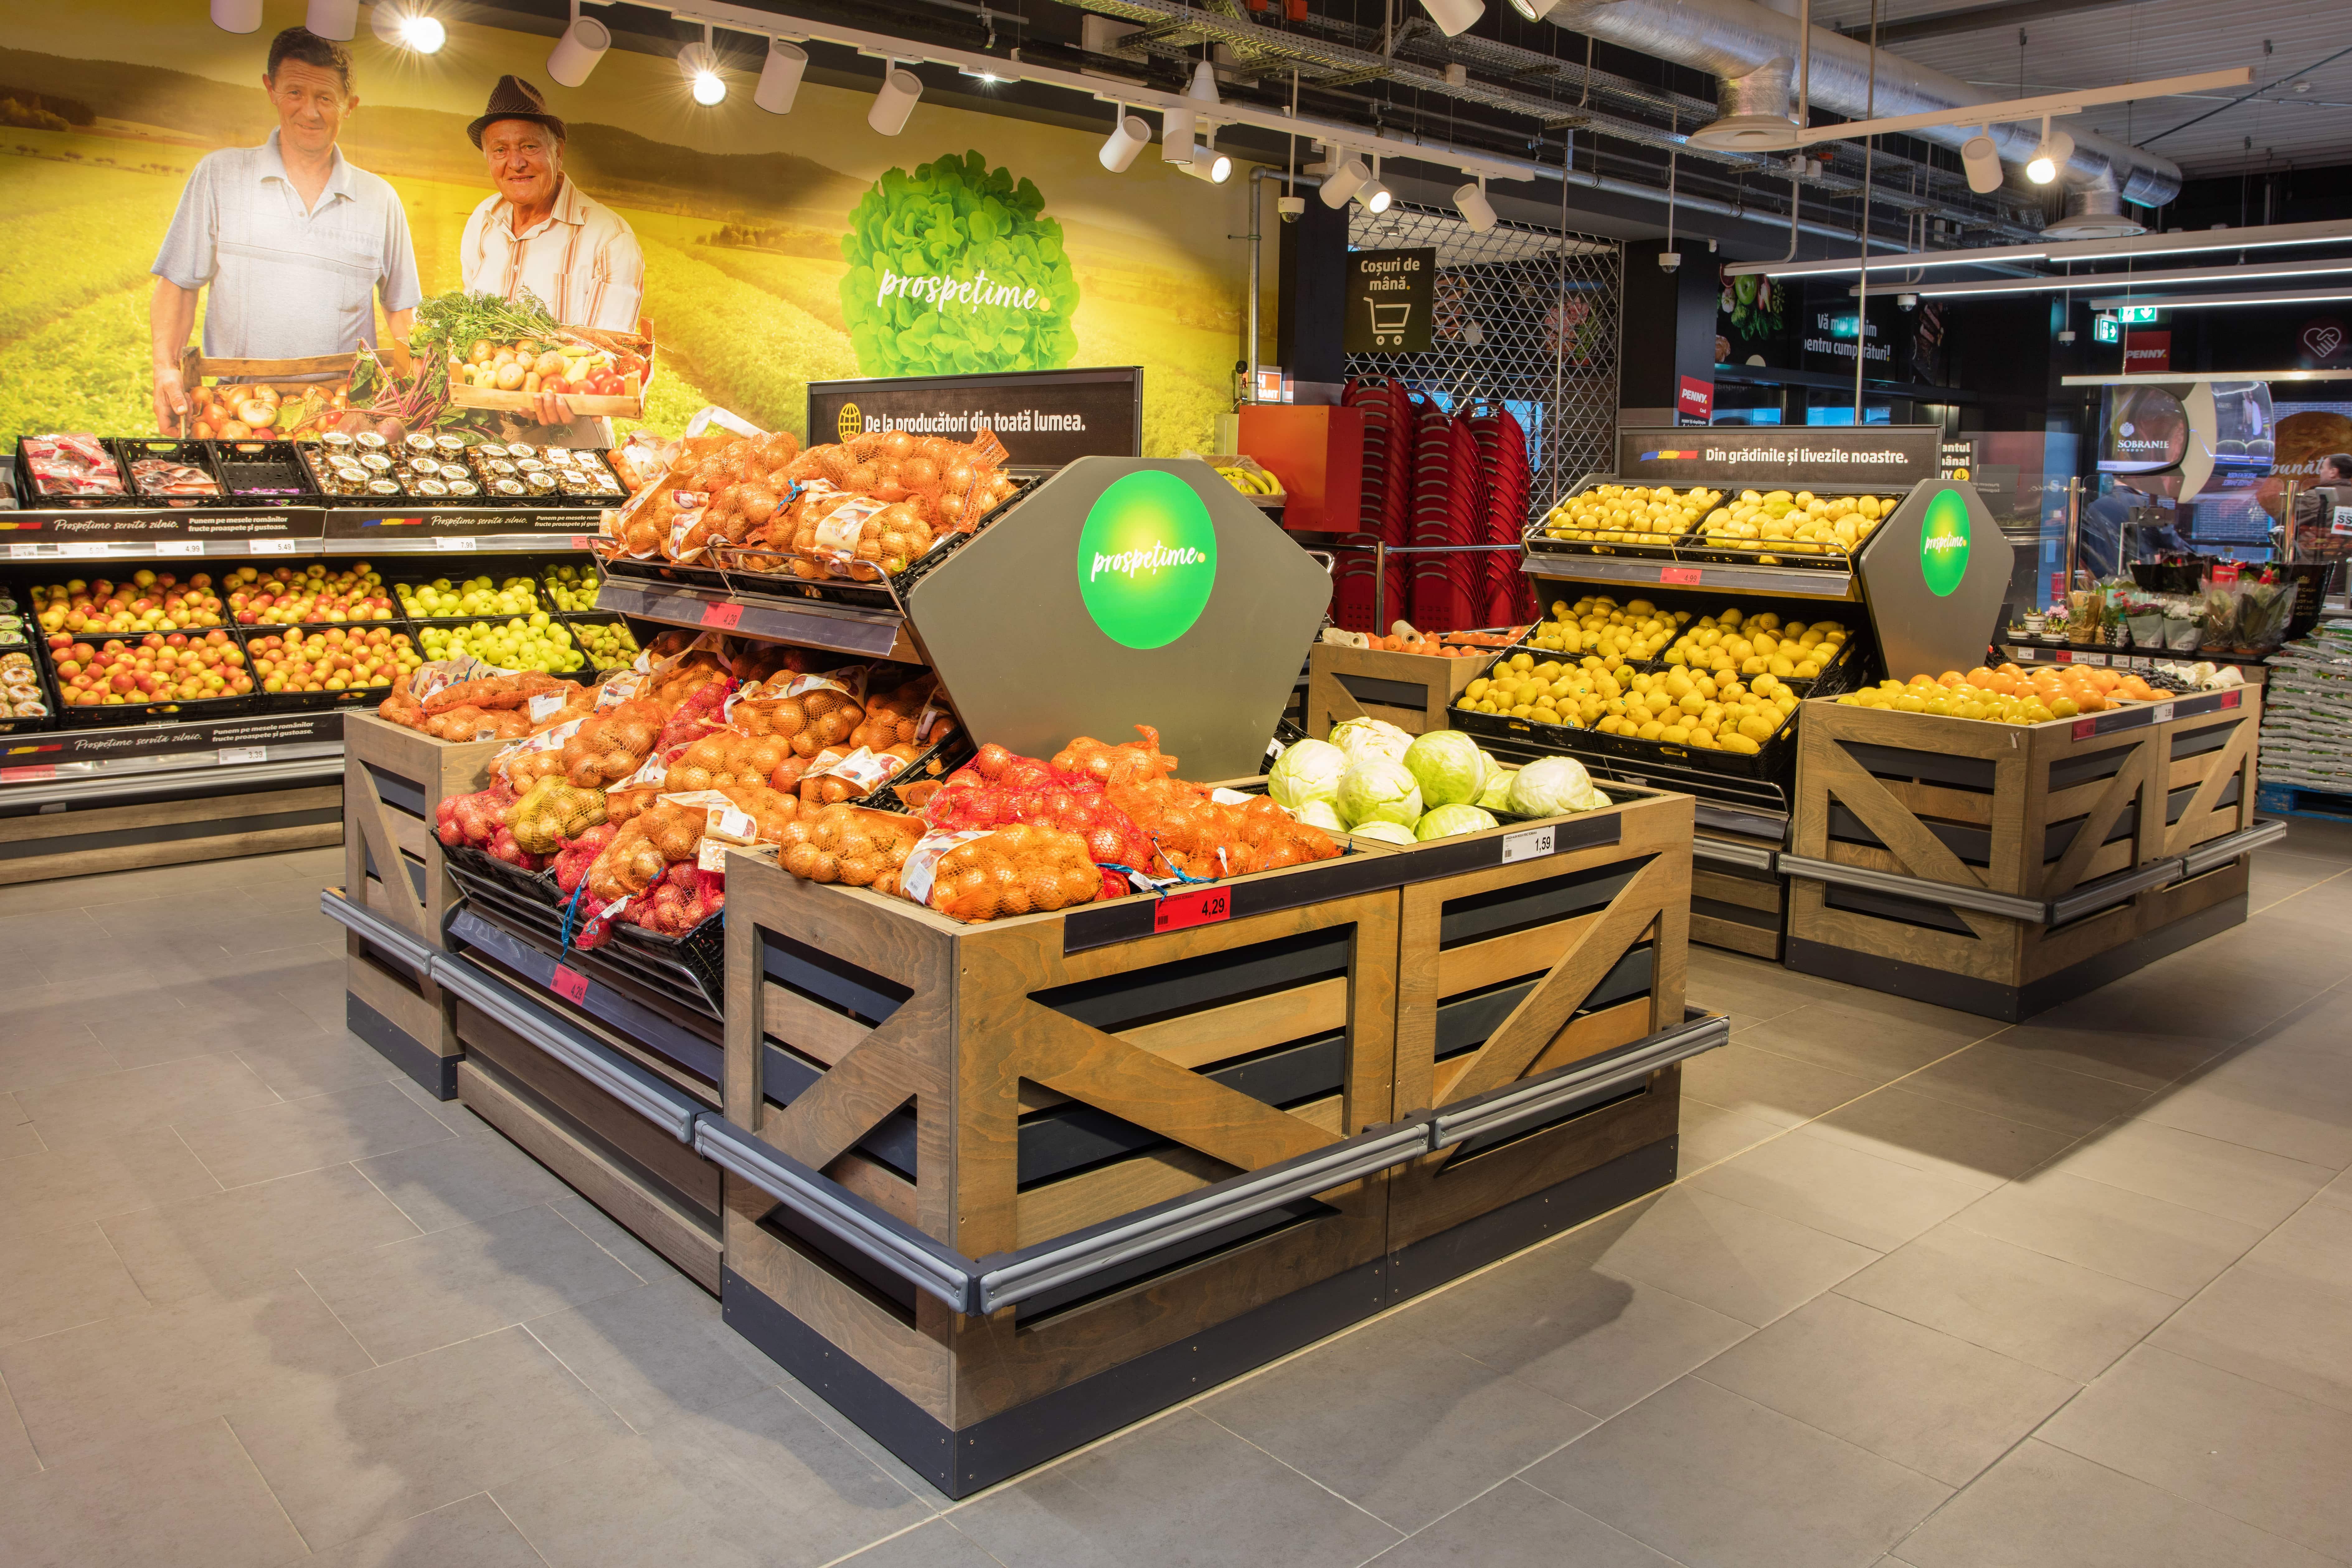 Penny Market deschide un nou magazin, iar rețeaua ajunge la 257 de unități în România